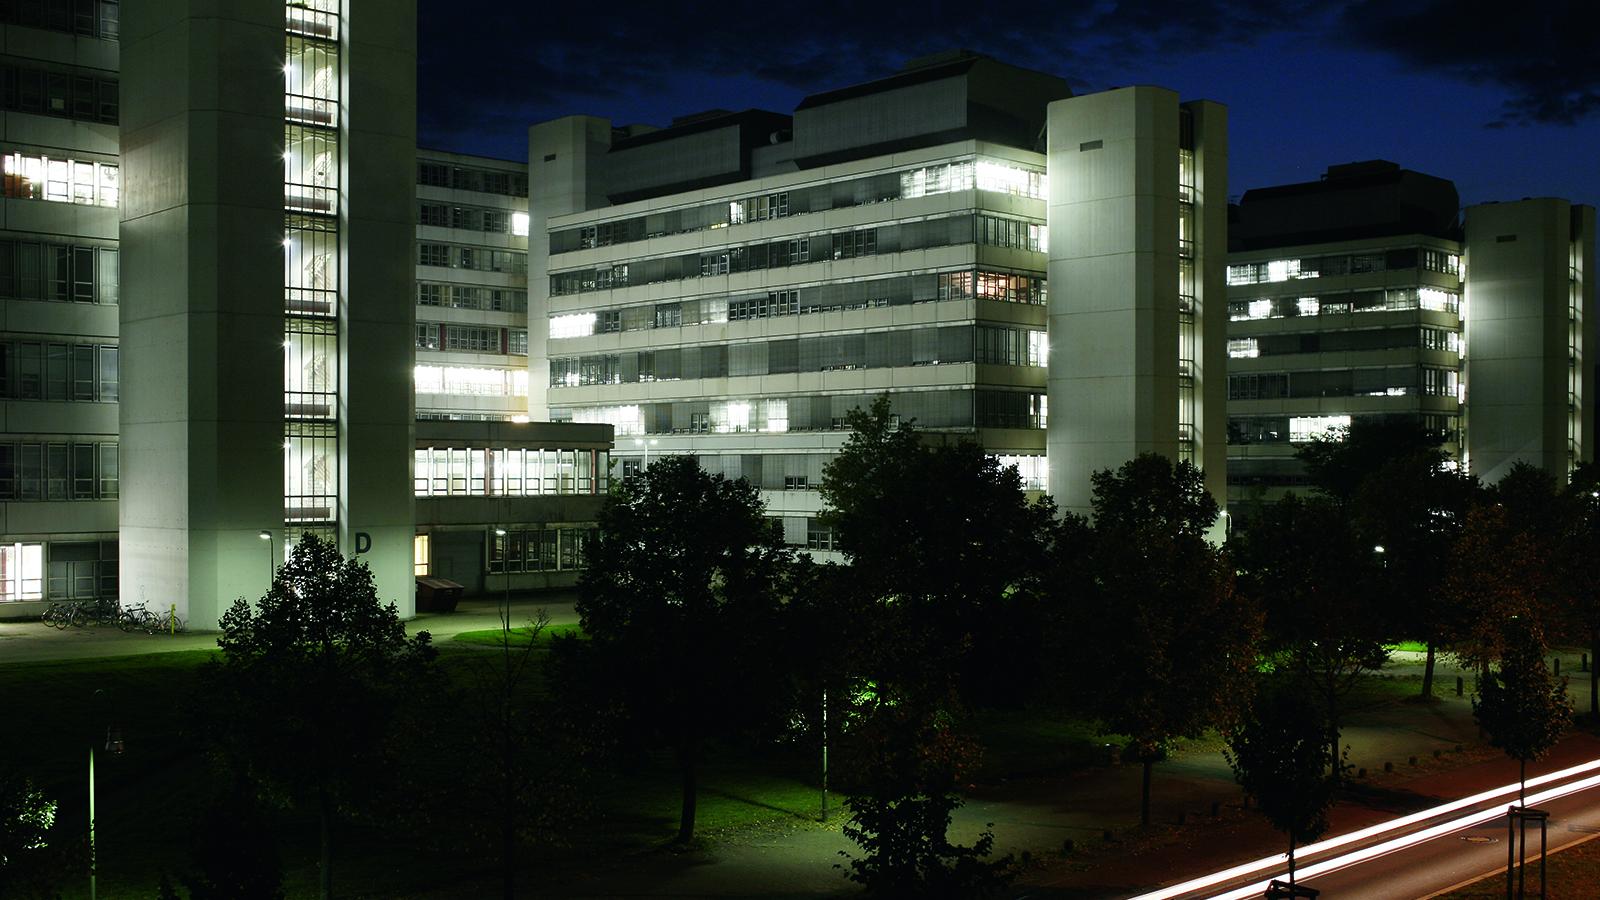 Schließanlage für die Uni Bielefeld